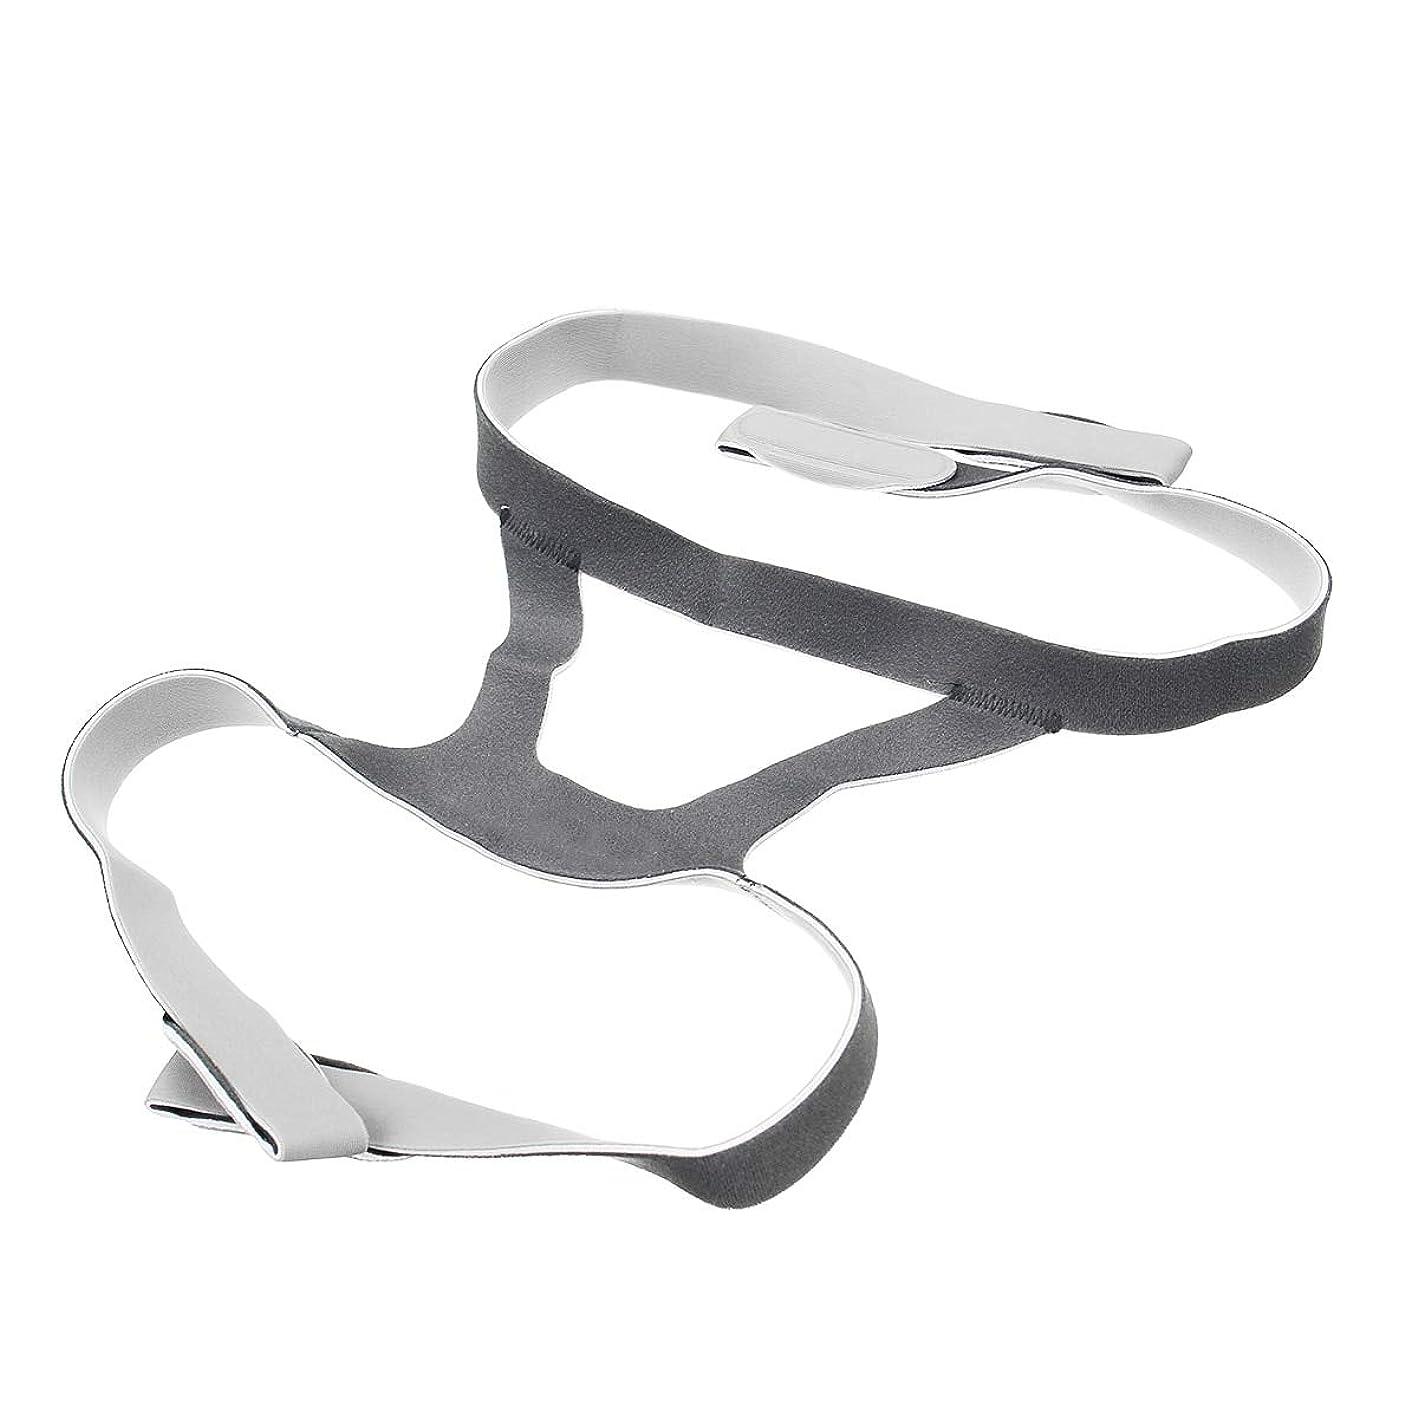 消去読みやすいチートNOTE ユニバーサルヘッドギアCPAPマスク弾性繊維いびき防止ヘッドバンド鼻マスクヘッドベルトフェイスマスクストラップ用援助睡眠